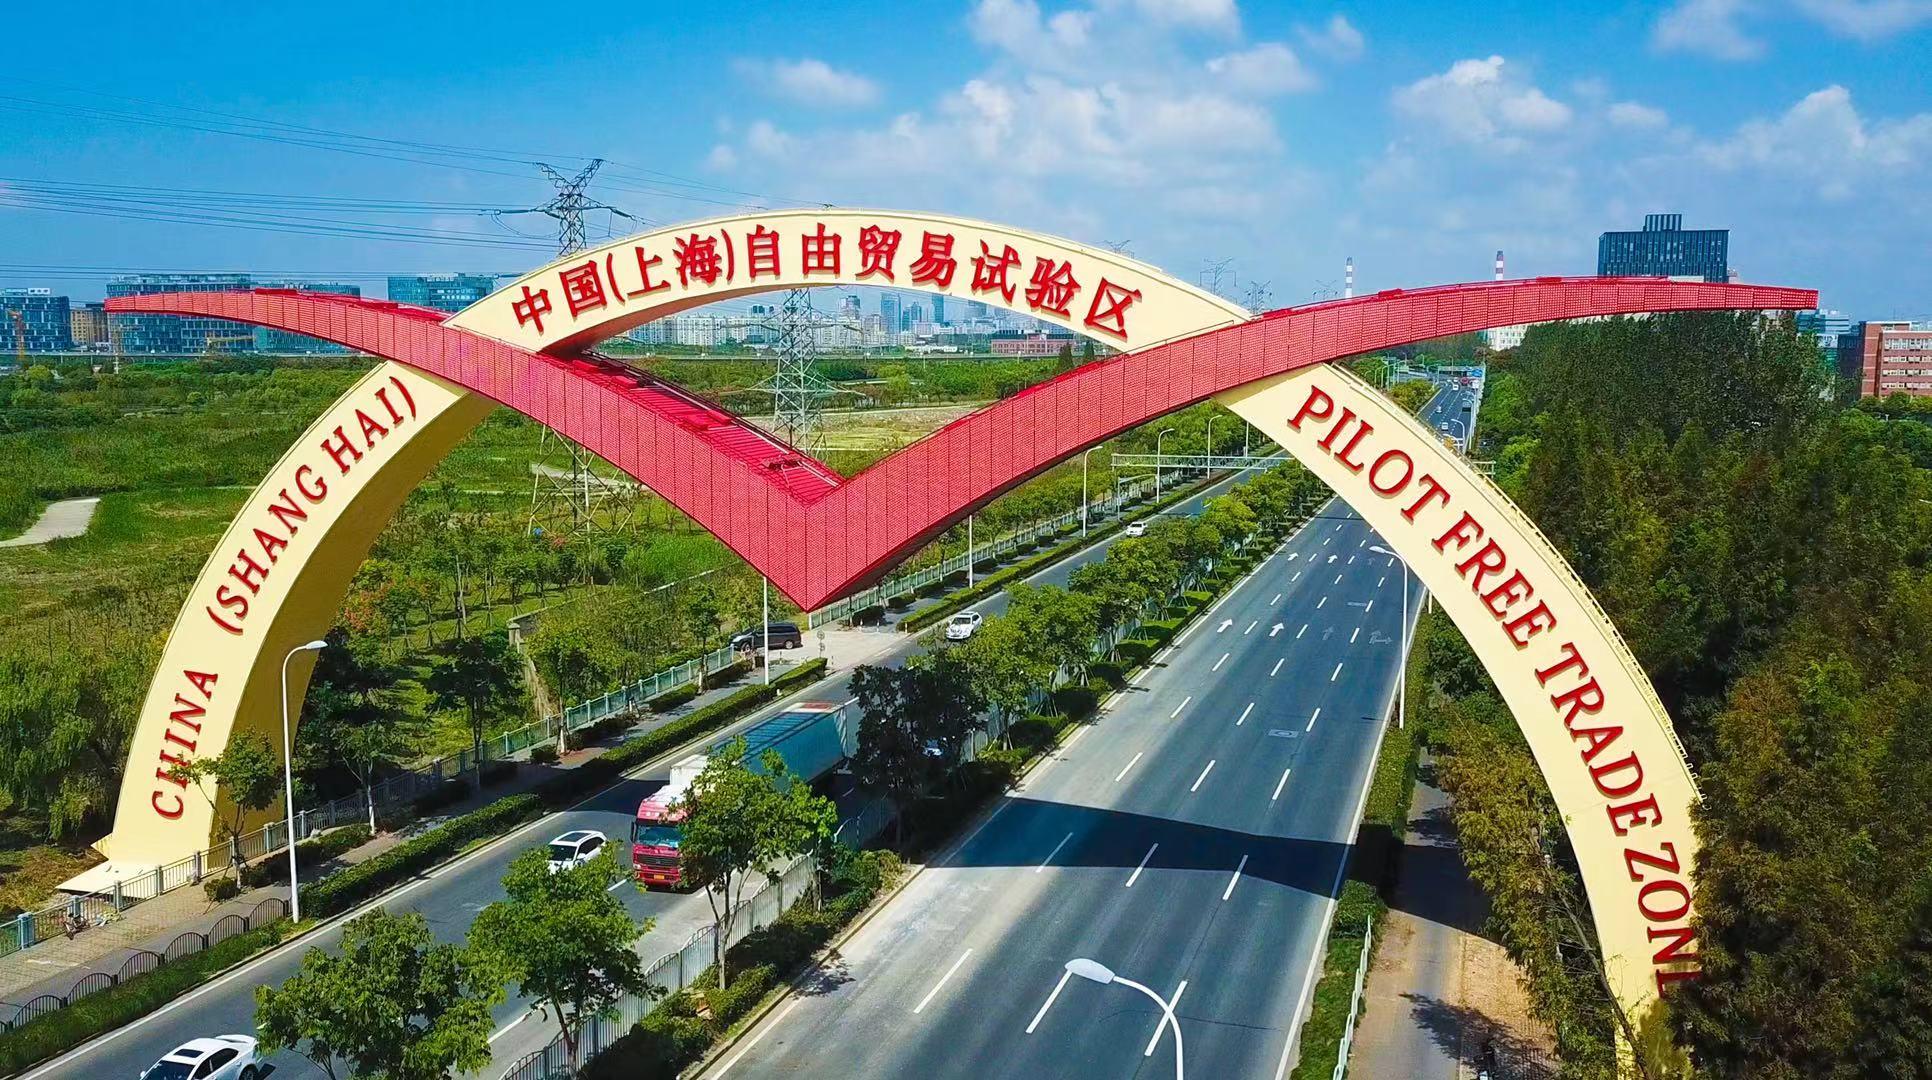 上海自贸区外高桥.jpg